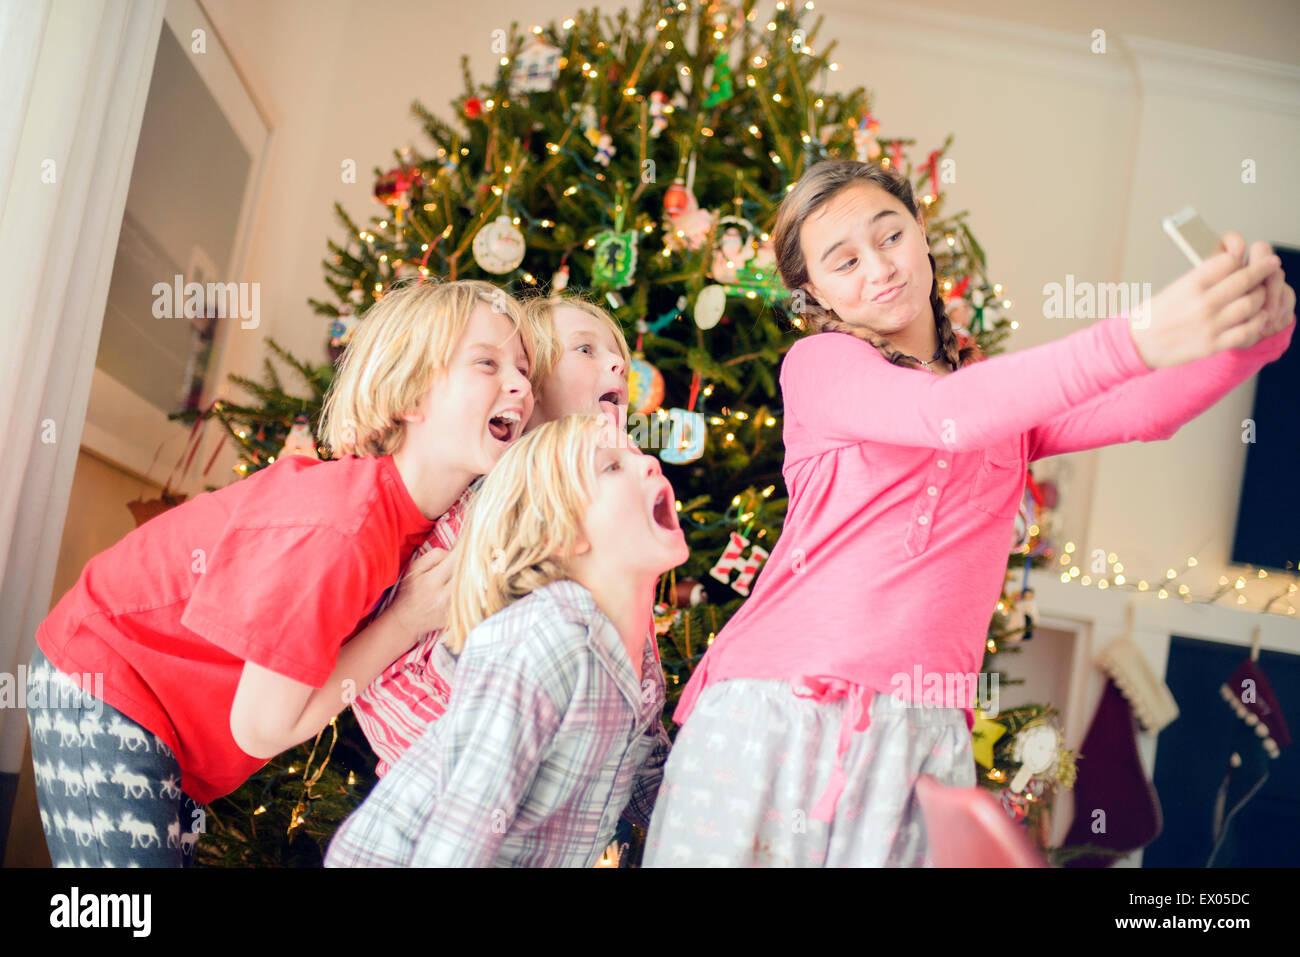 Teenager-Mädchen und Brüder unter Smartphone Selfie zu Weihnachten Stockbild